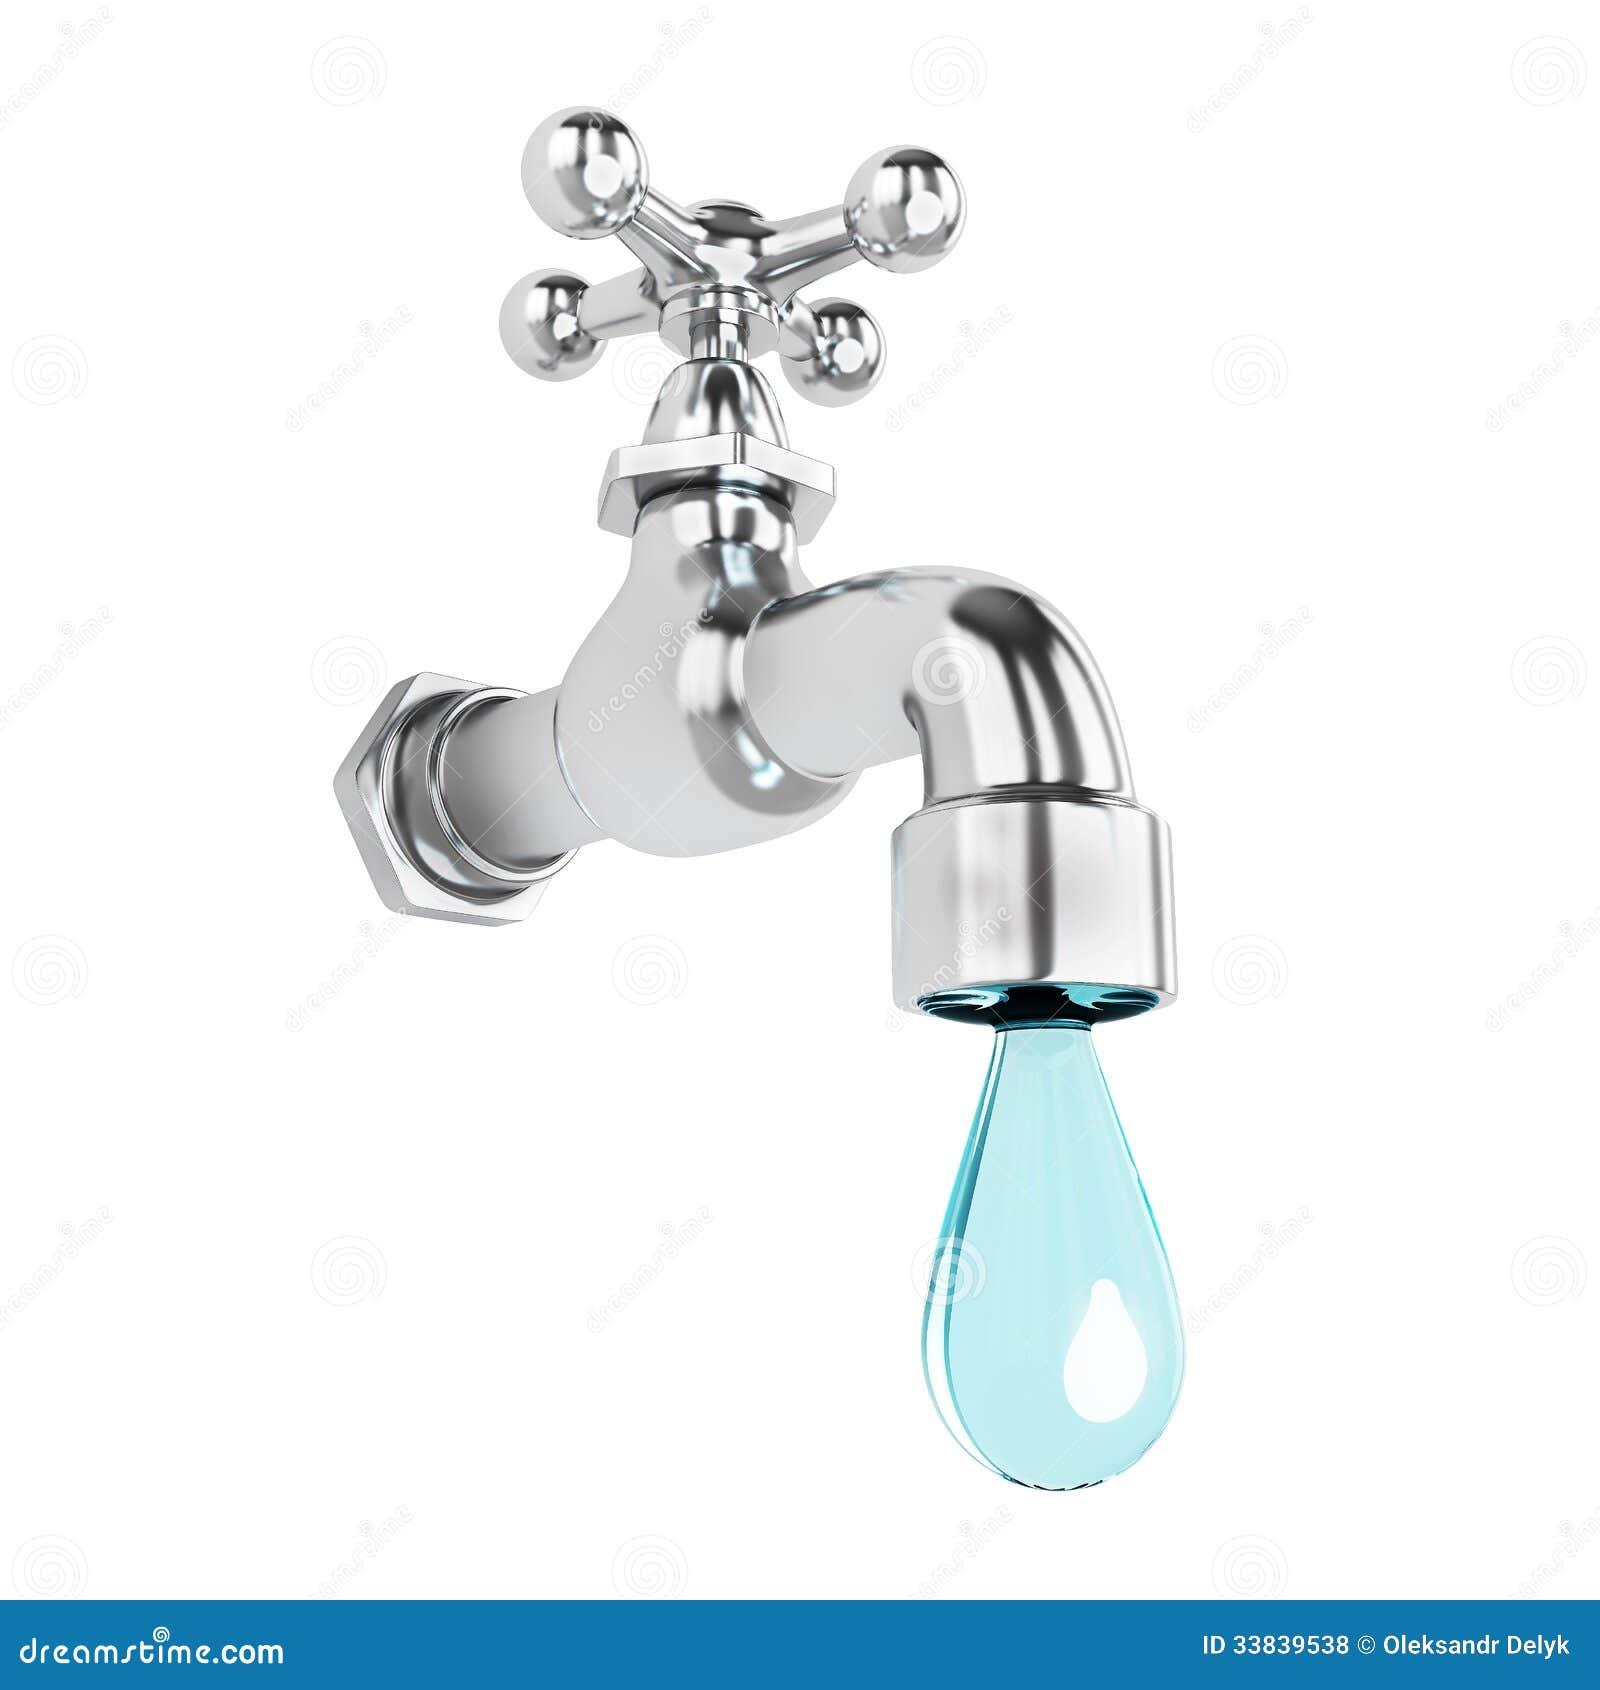 immagini gratuite di enormi rubinetti